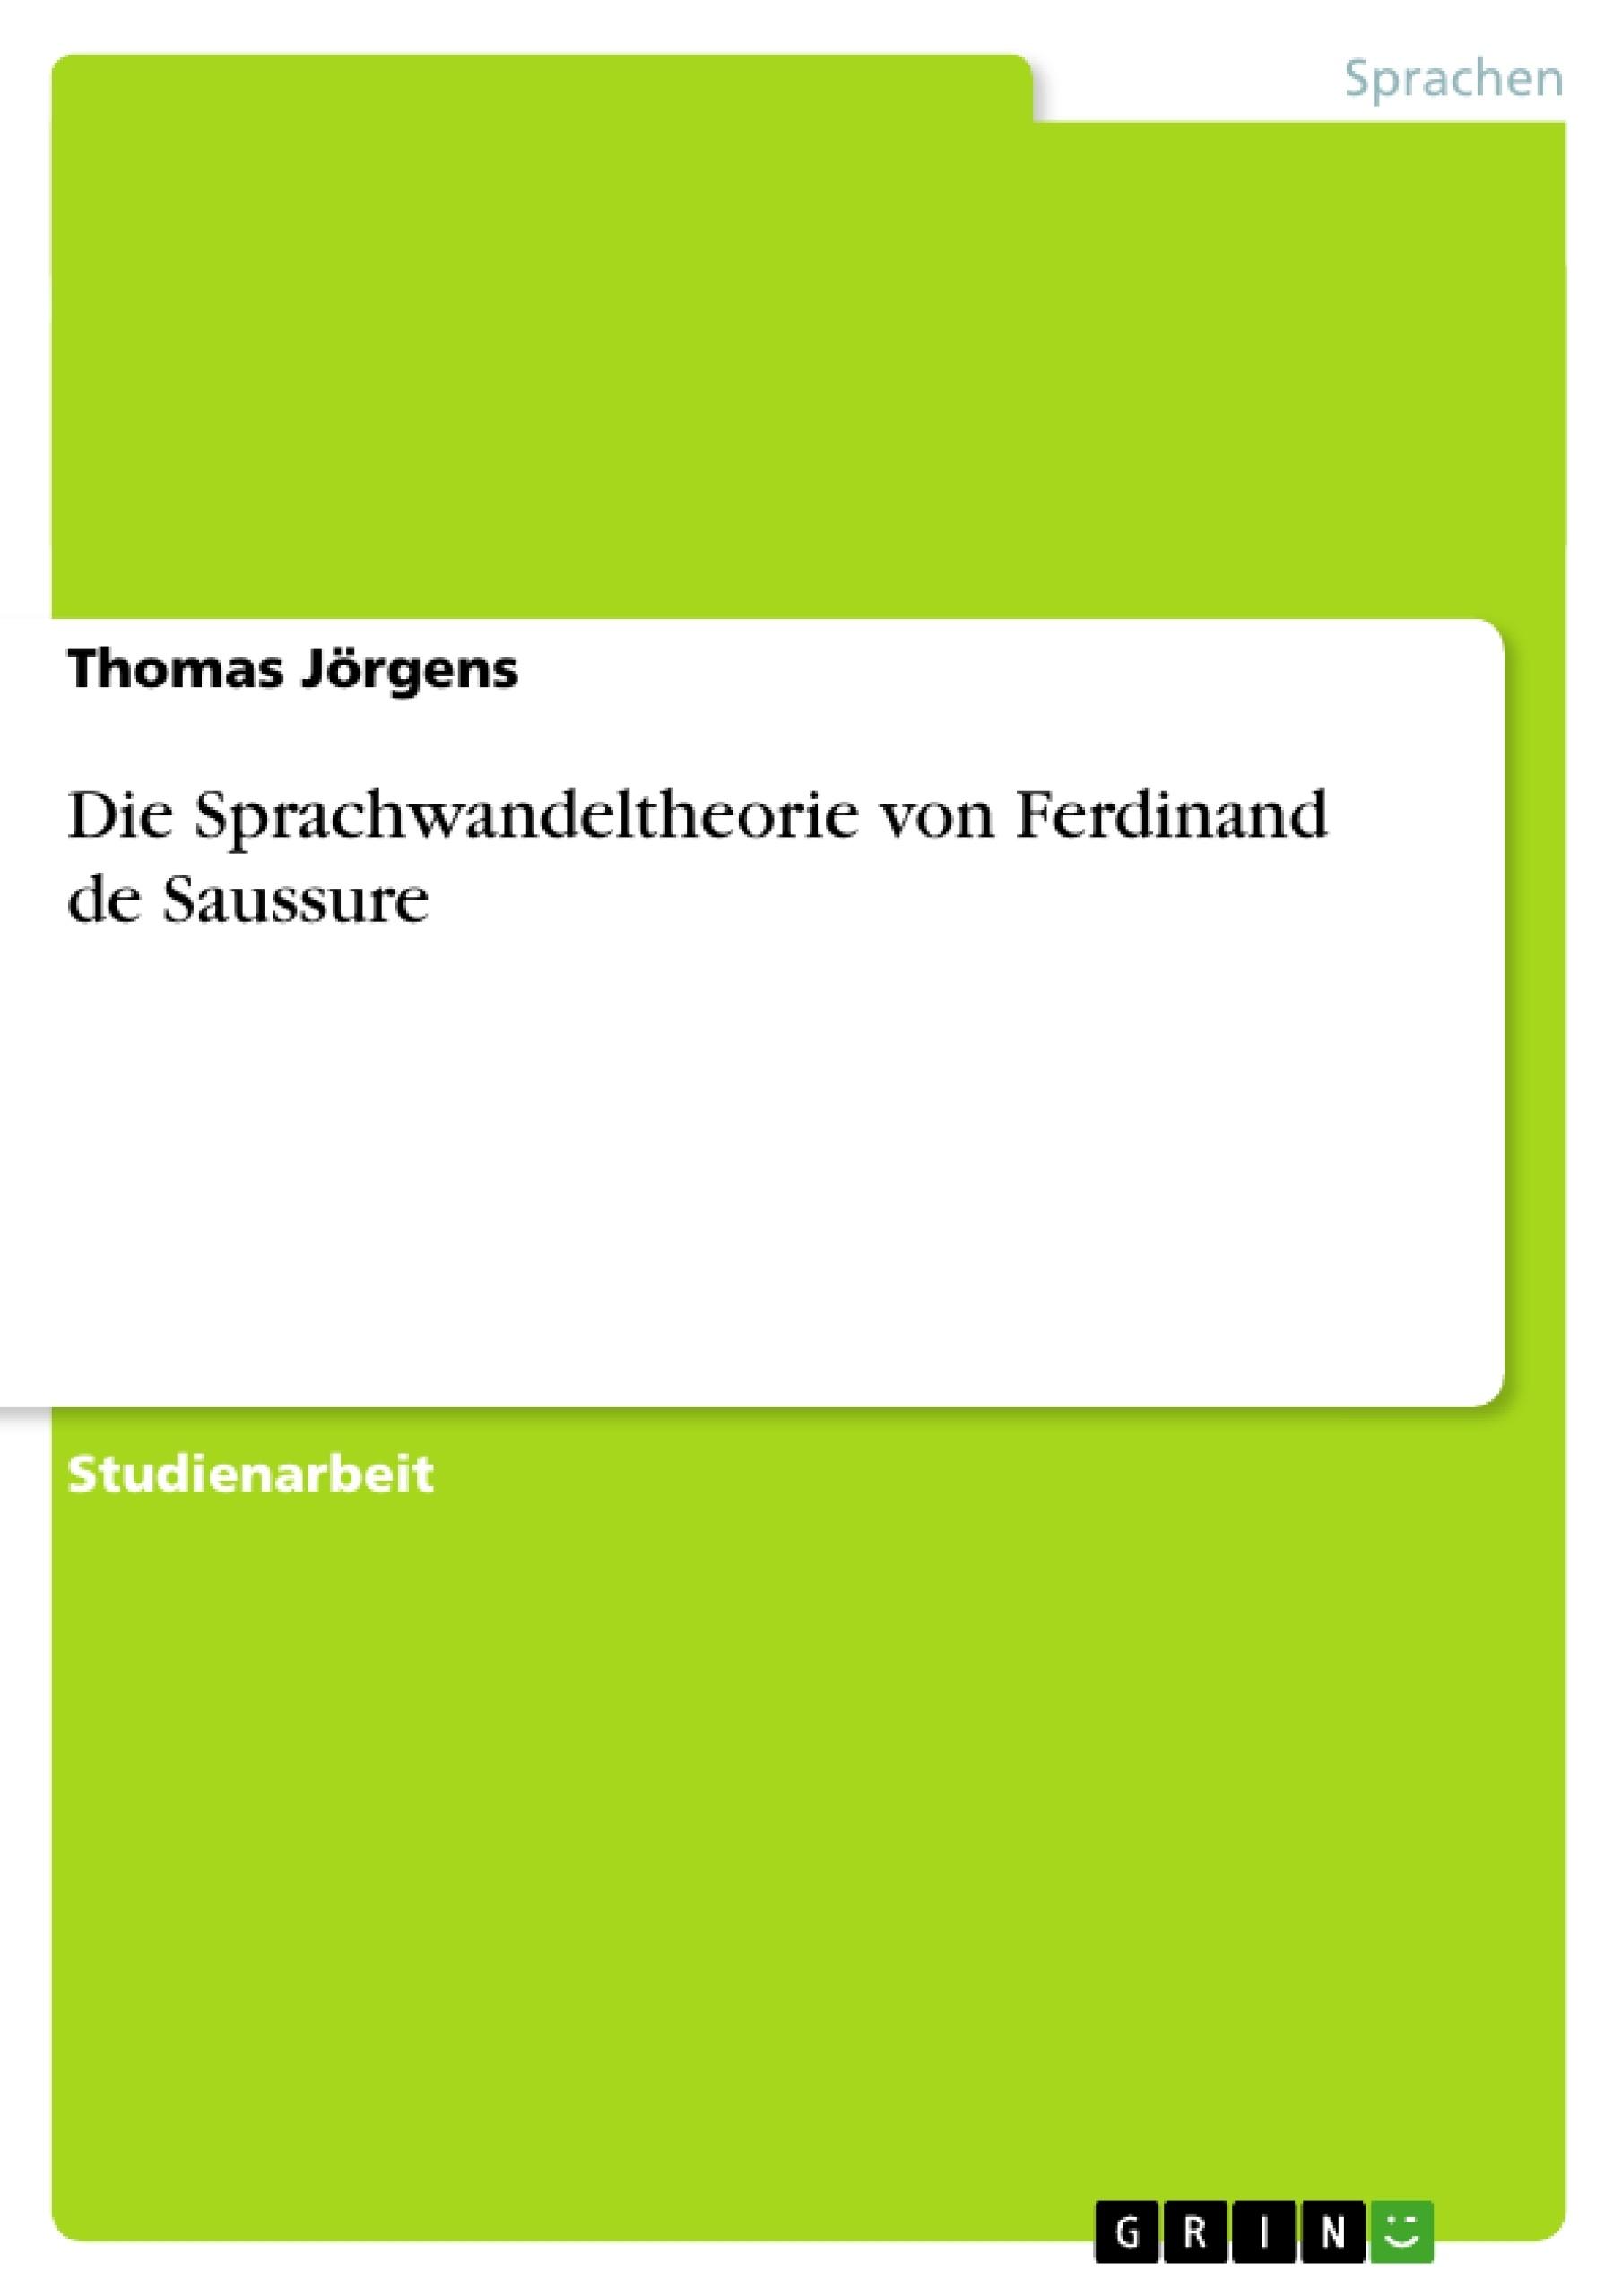 Titel: Die Sprachwandeltheorie von Ferdinand de Saussure